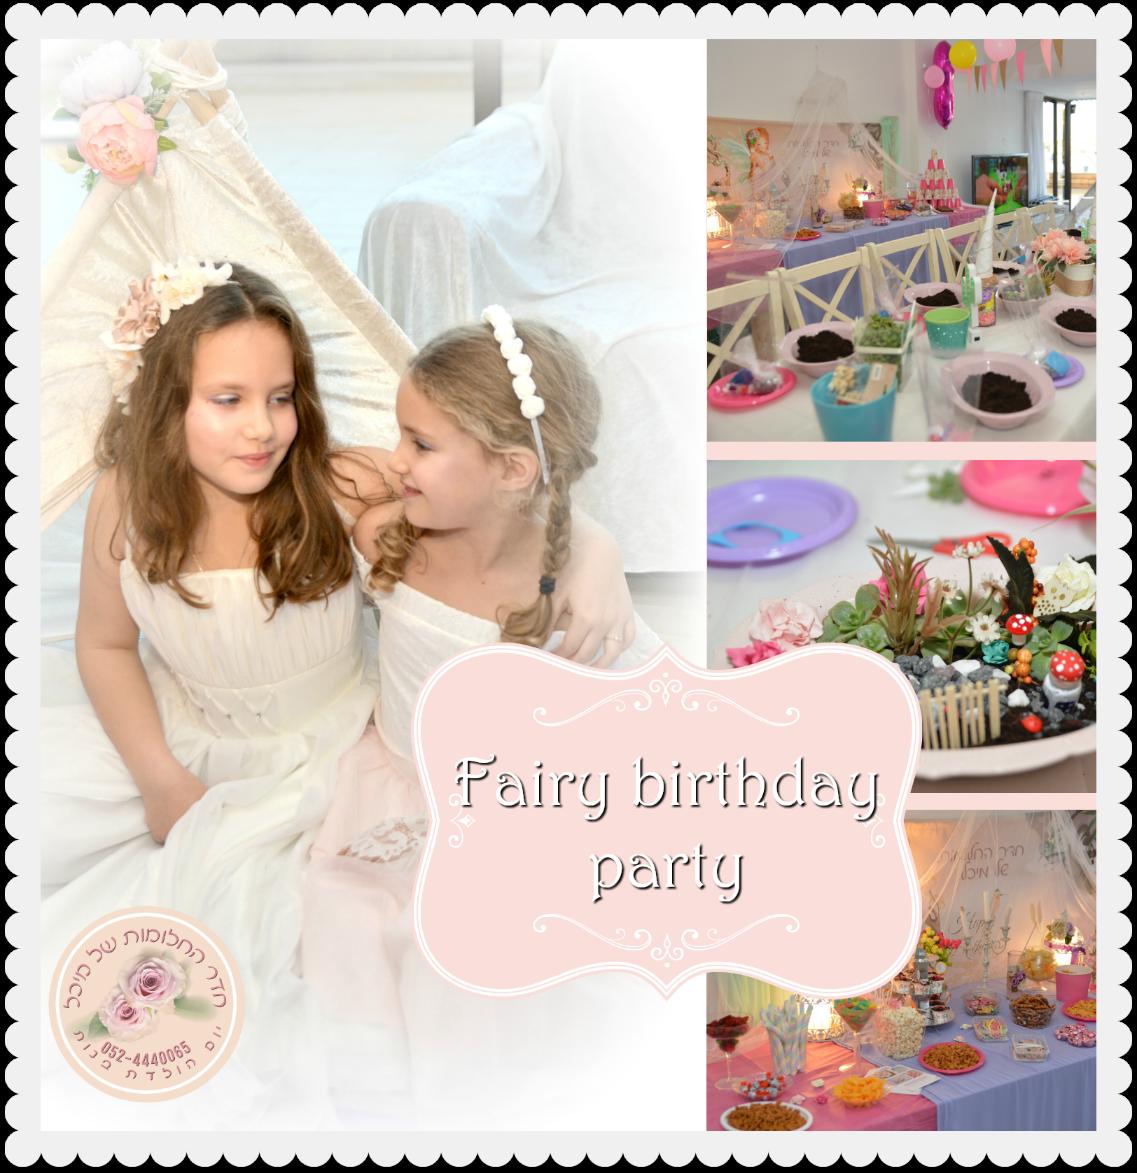 יום הולדת פיות, יום הולדת, יום הולדת בכרמיאל בנות